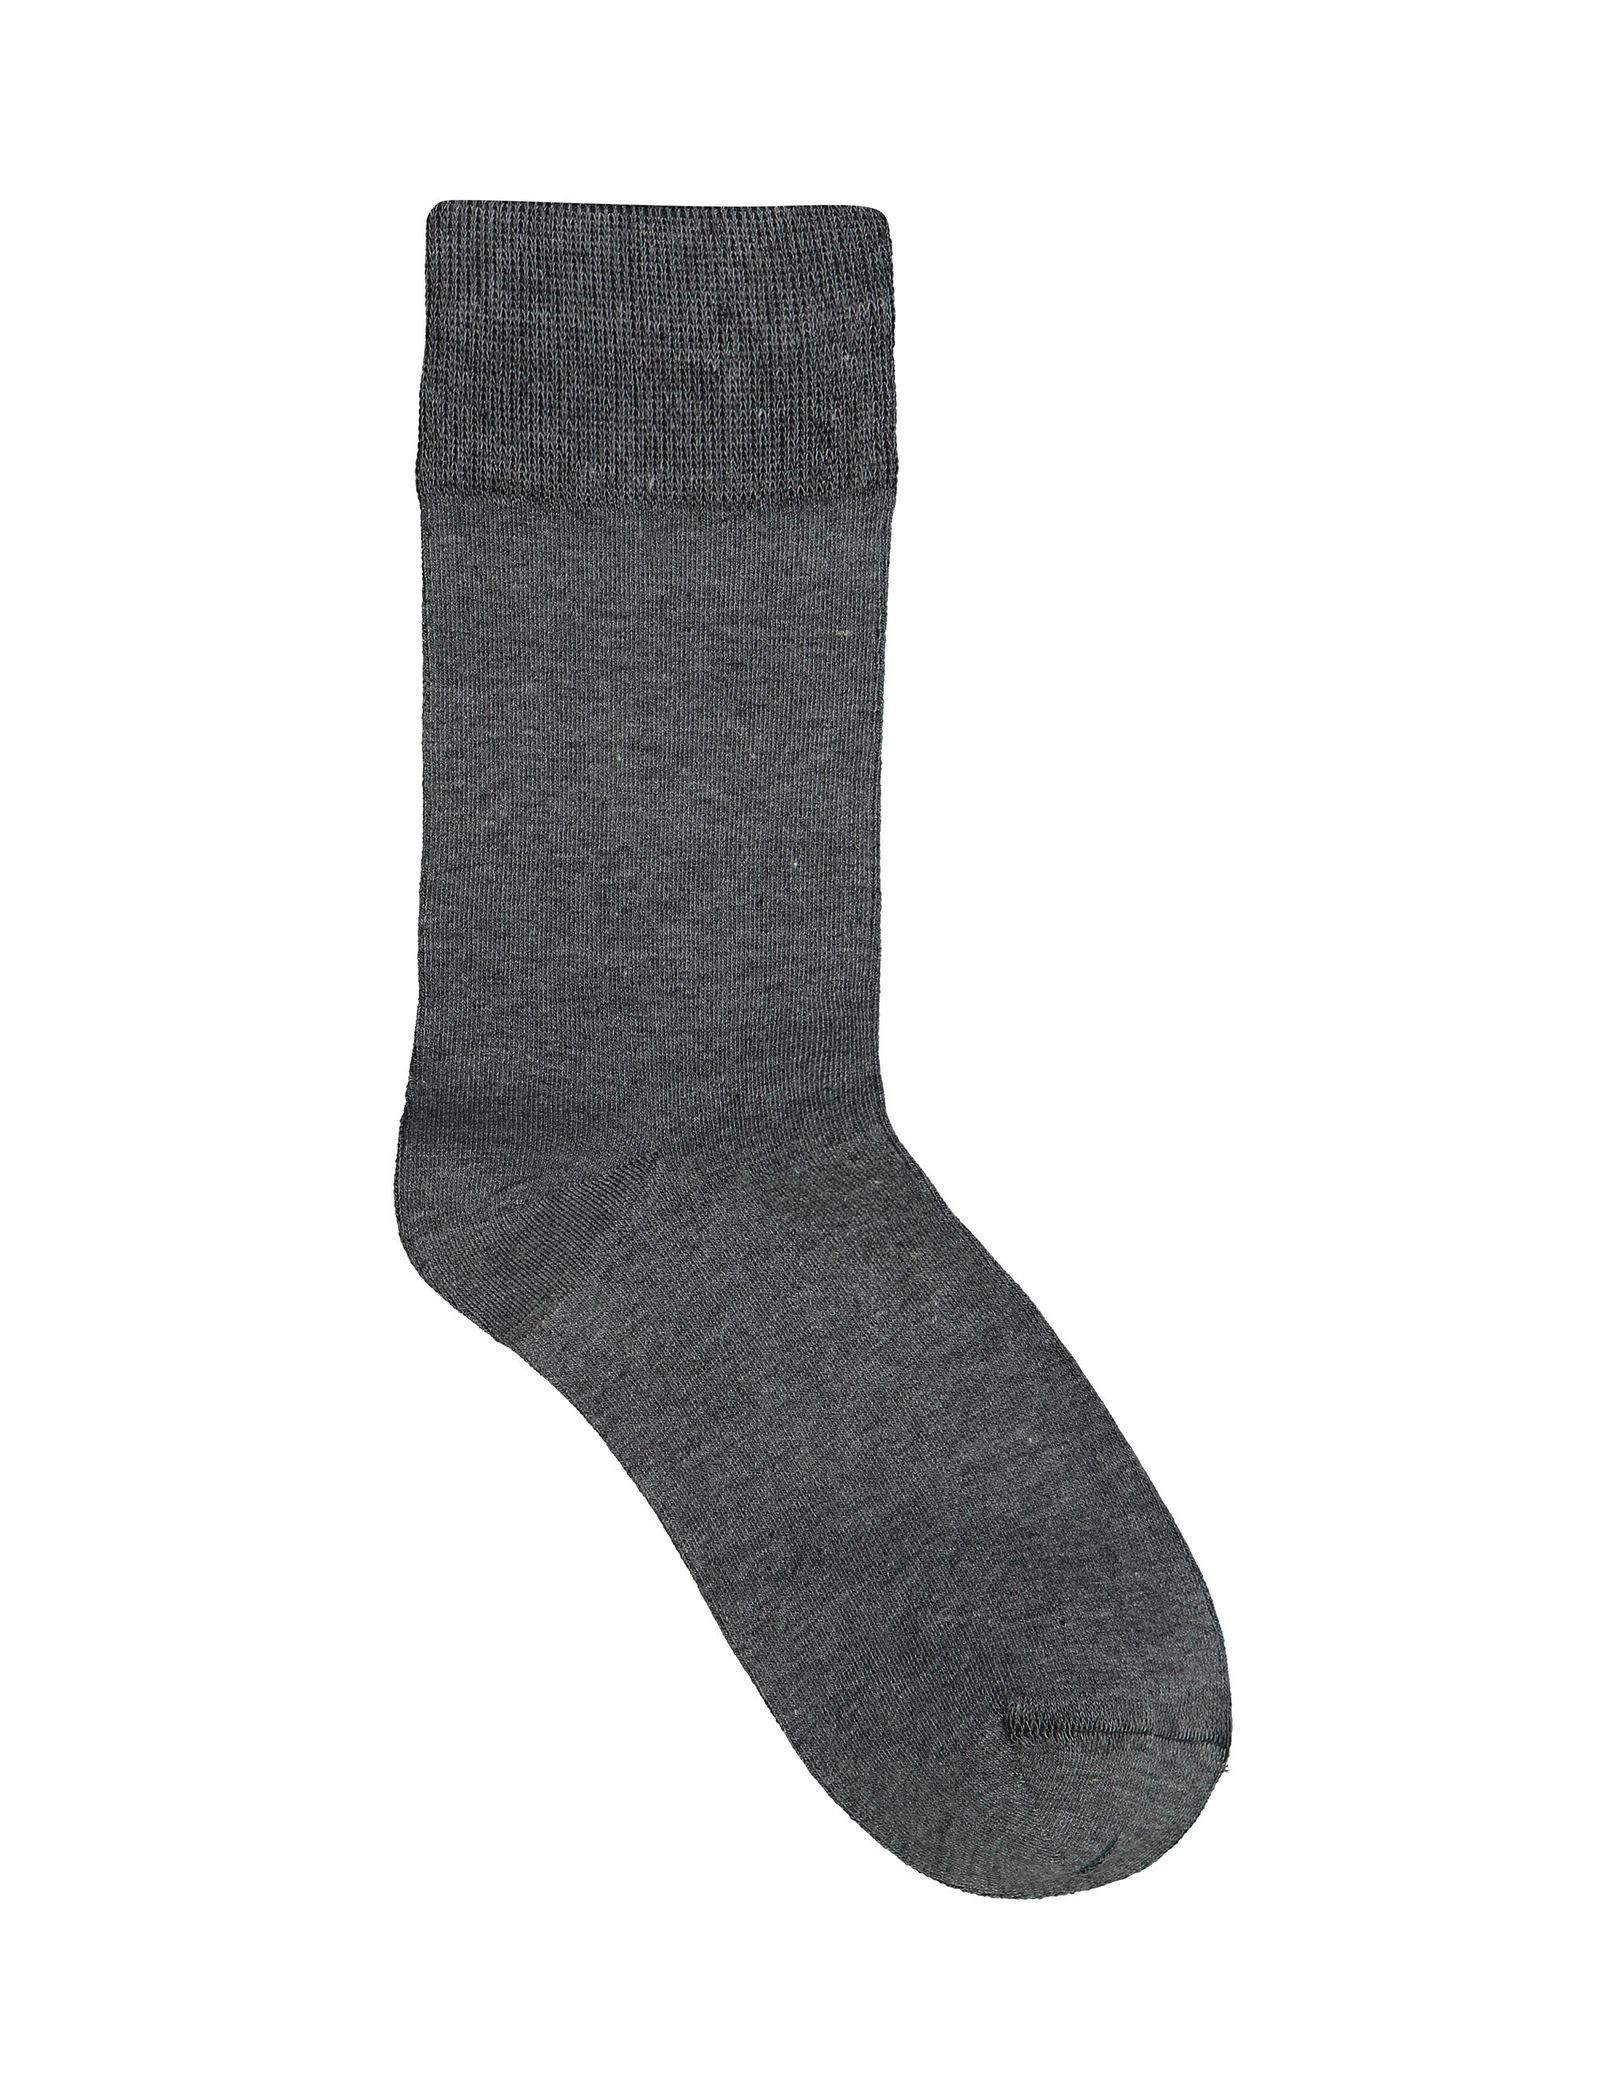 جوراب نخی ساق متوسط مردانه - آر اِن اِس - طوسي تيره - 1